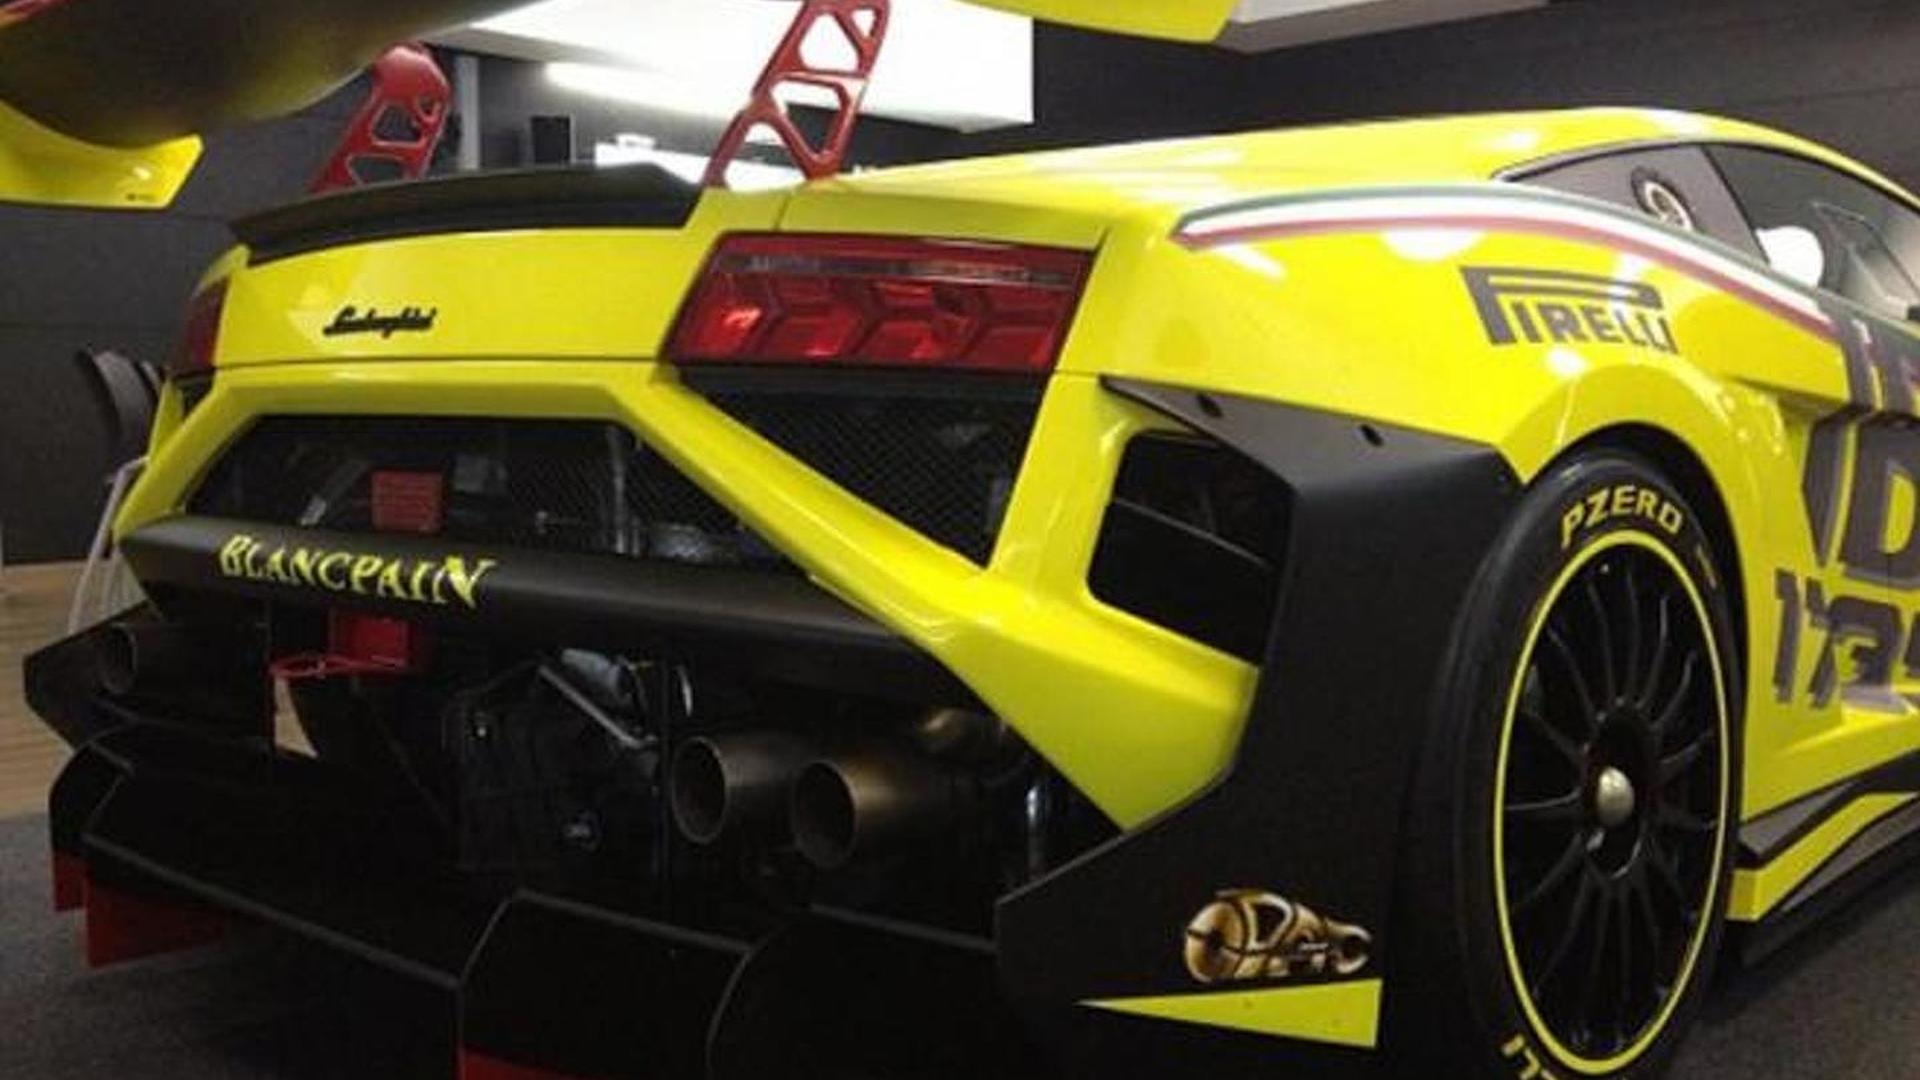 Official 2013 Lamborghini Gallardo Lp 570 4 Super Trofeo Breaks